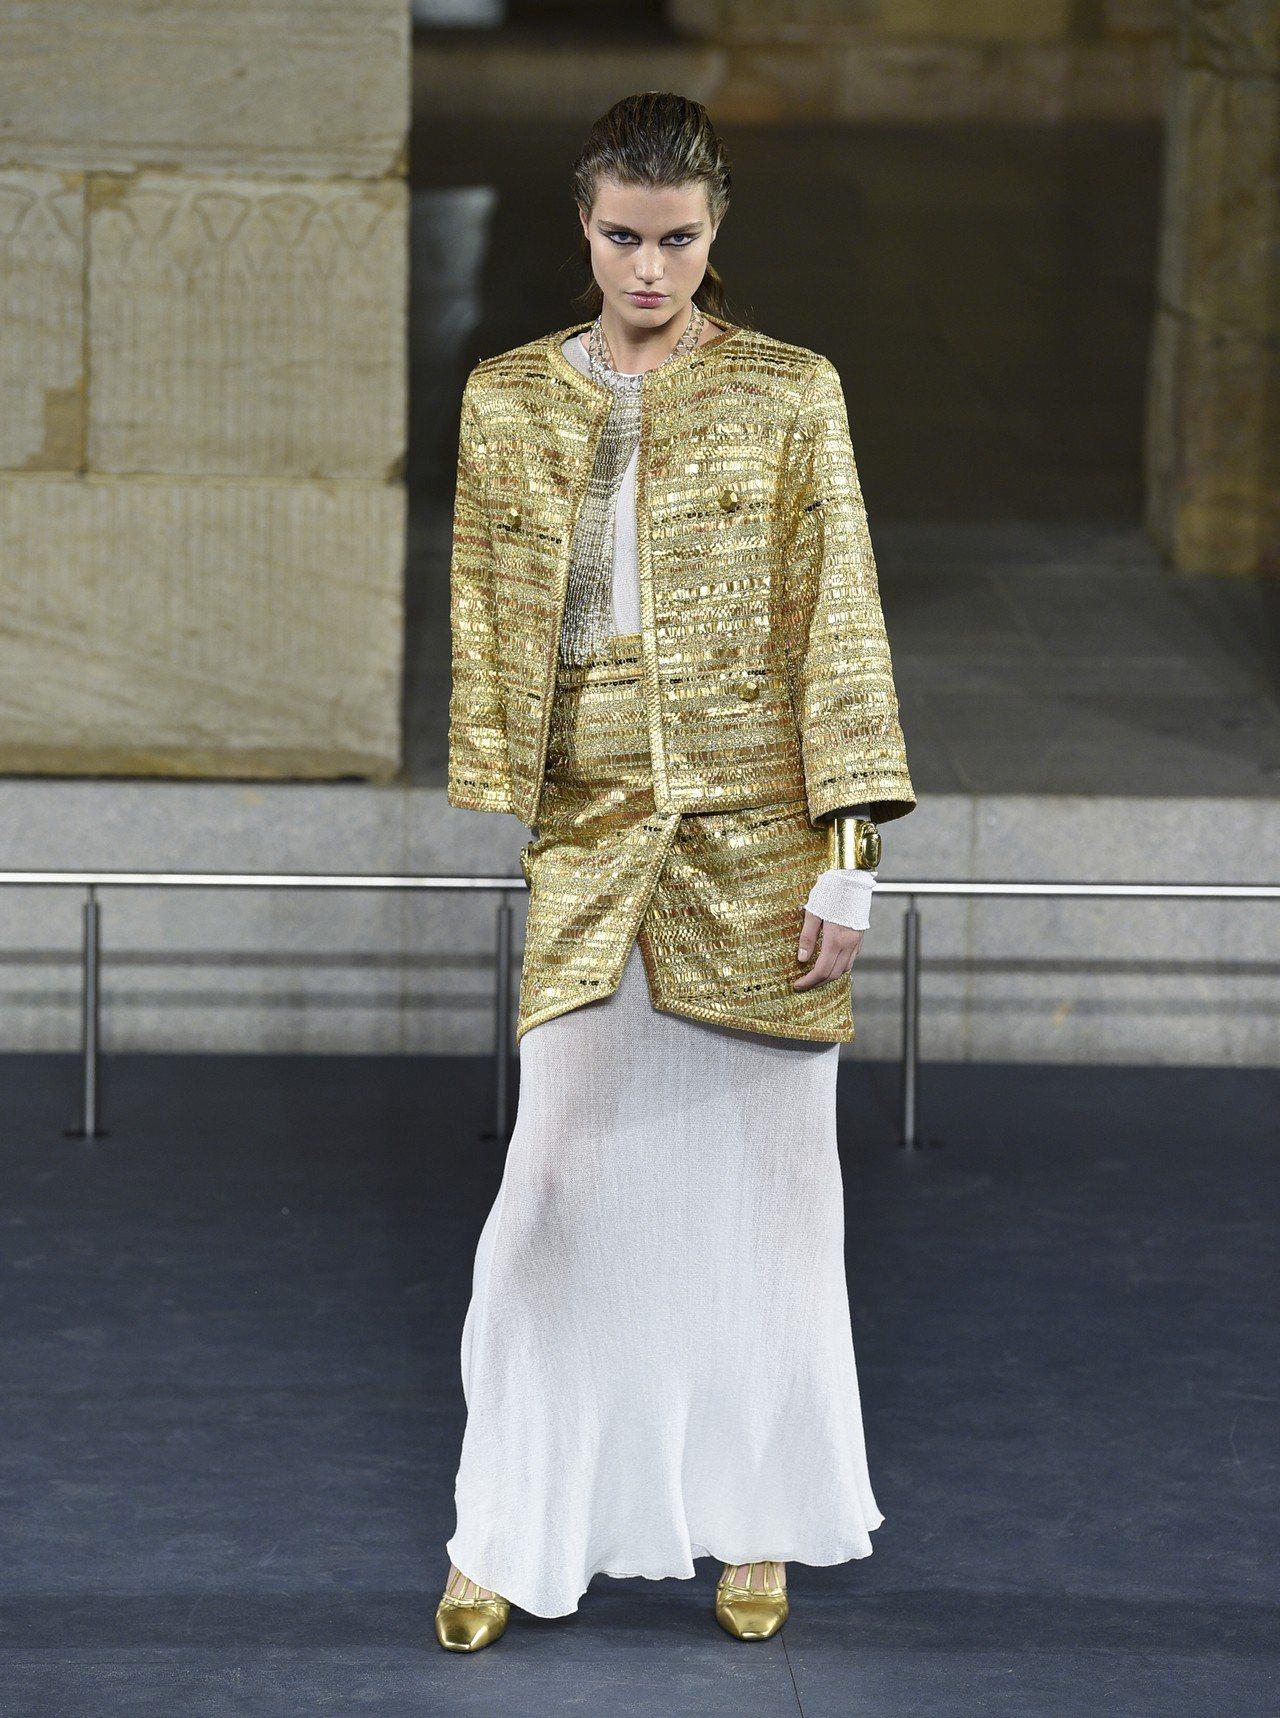 不對稱的短裙套裝、多層穿搭長裙,兼具俐落與典雅柔美。(美聯社)